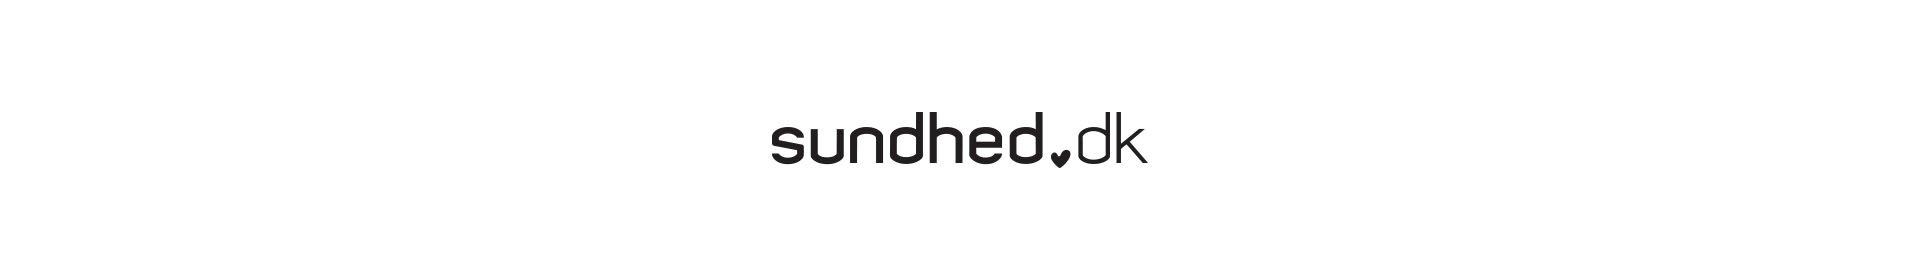 SUNDHEDDK_case2_LOGO.jpg